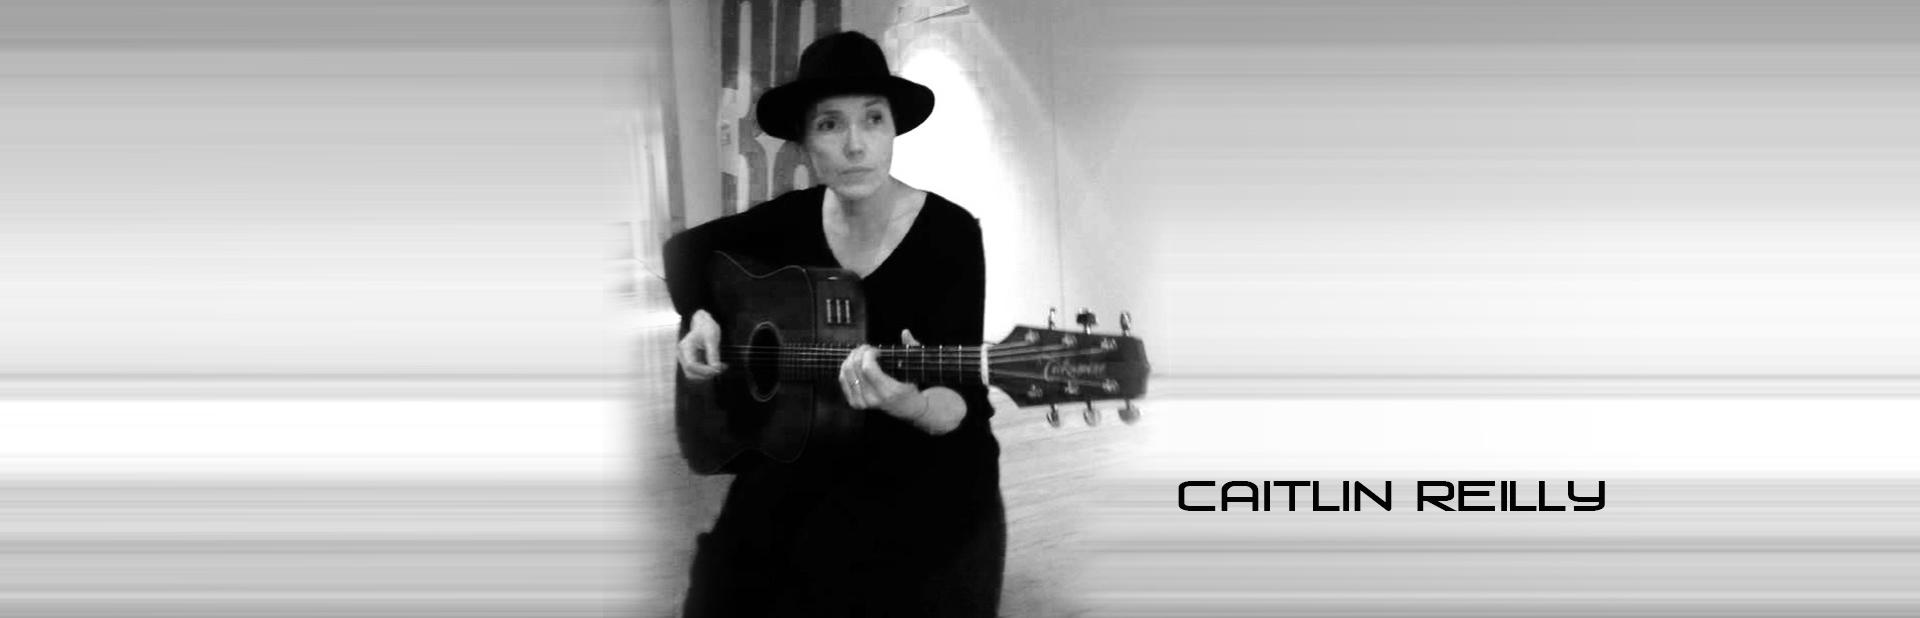 Caitlin-Reilly-03